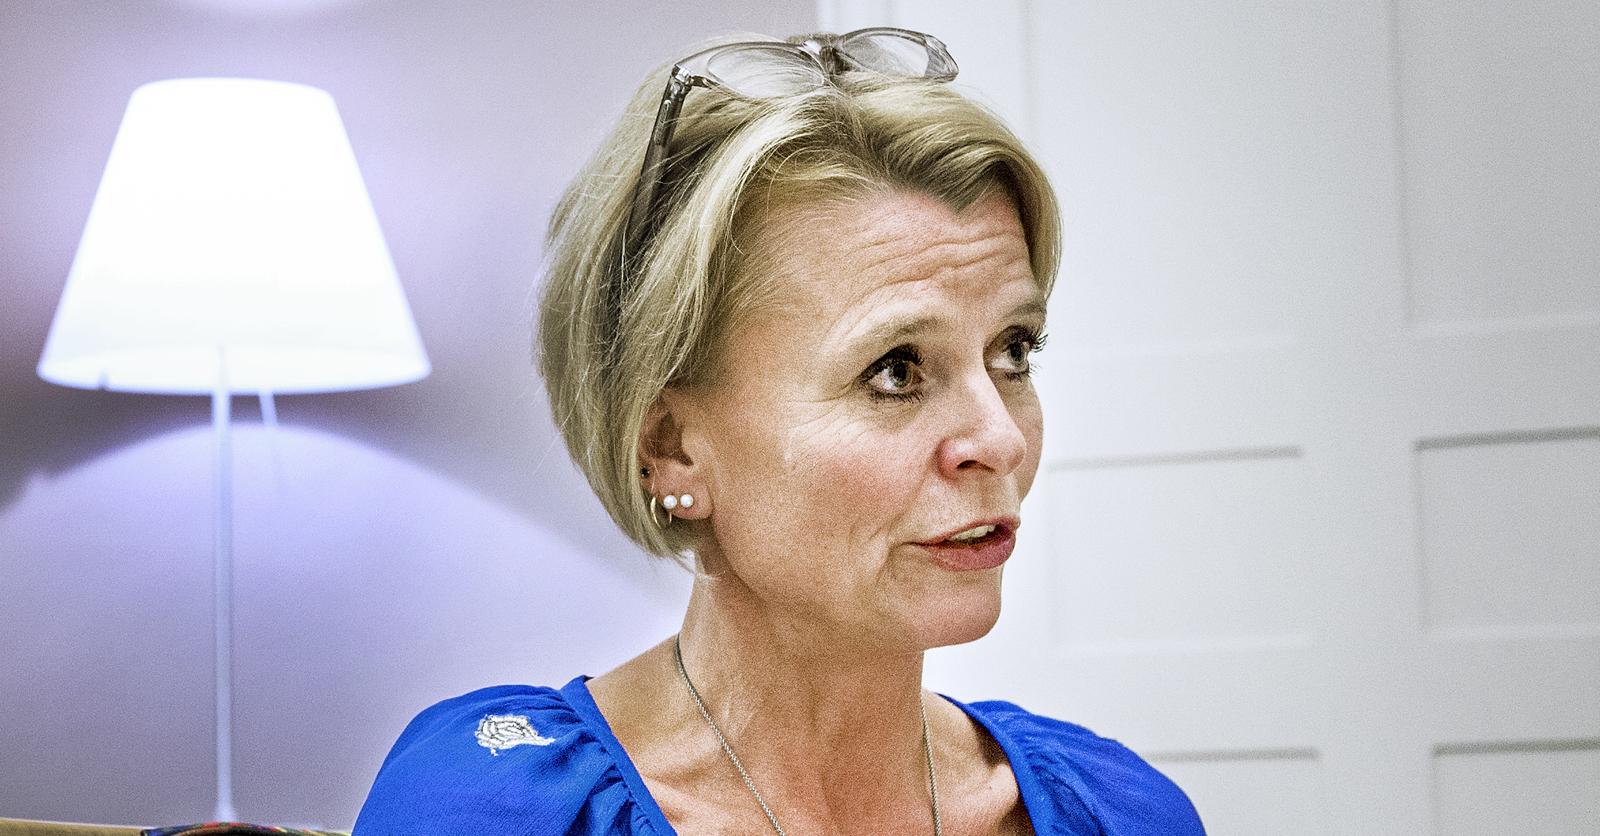 S kvinnor till jamstalldhetsministern nu maste nagot handa